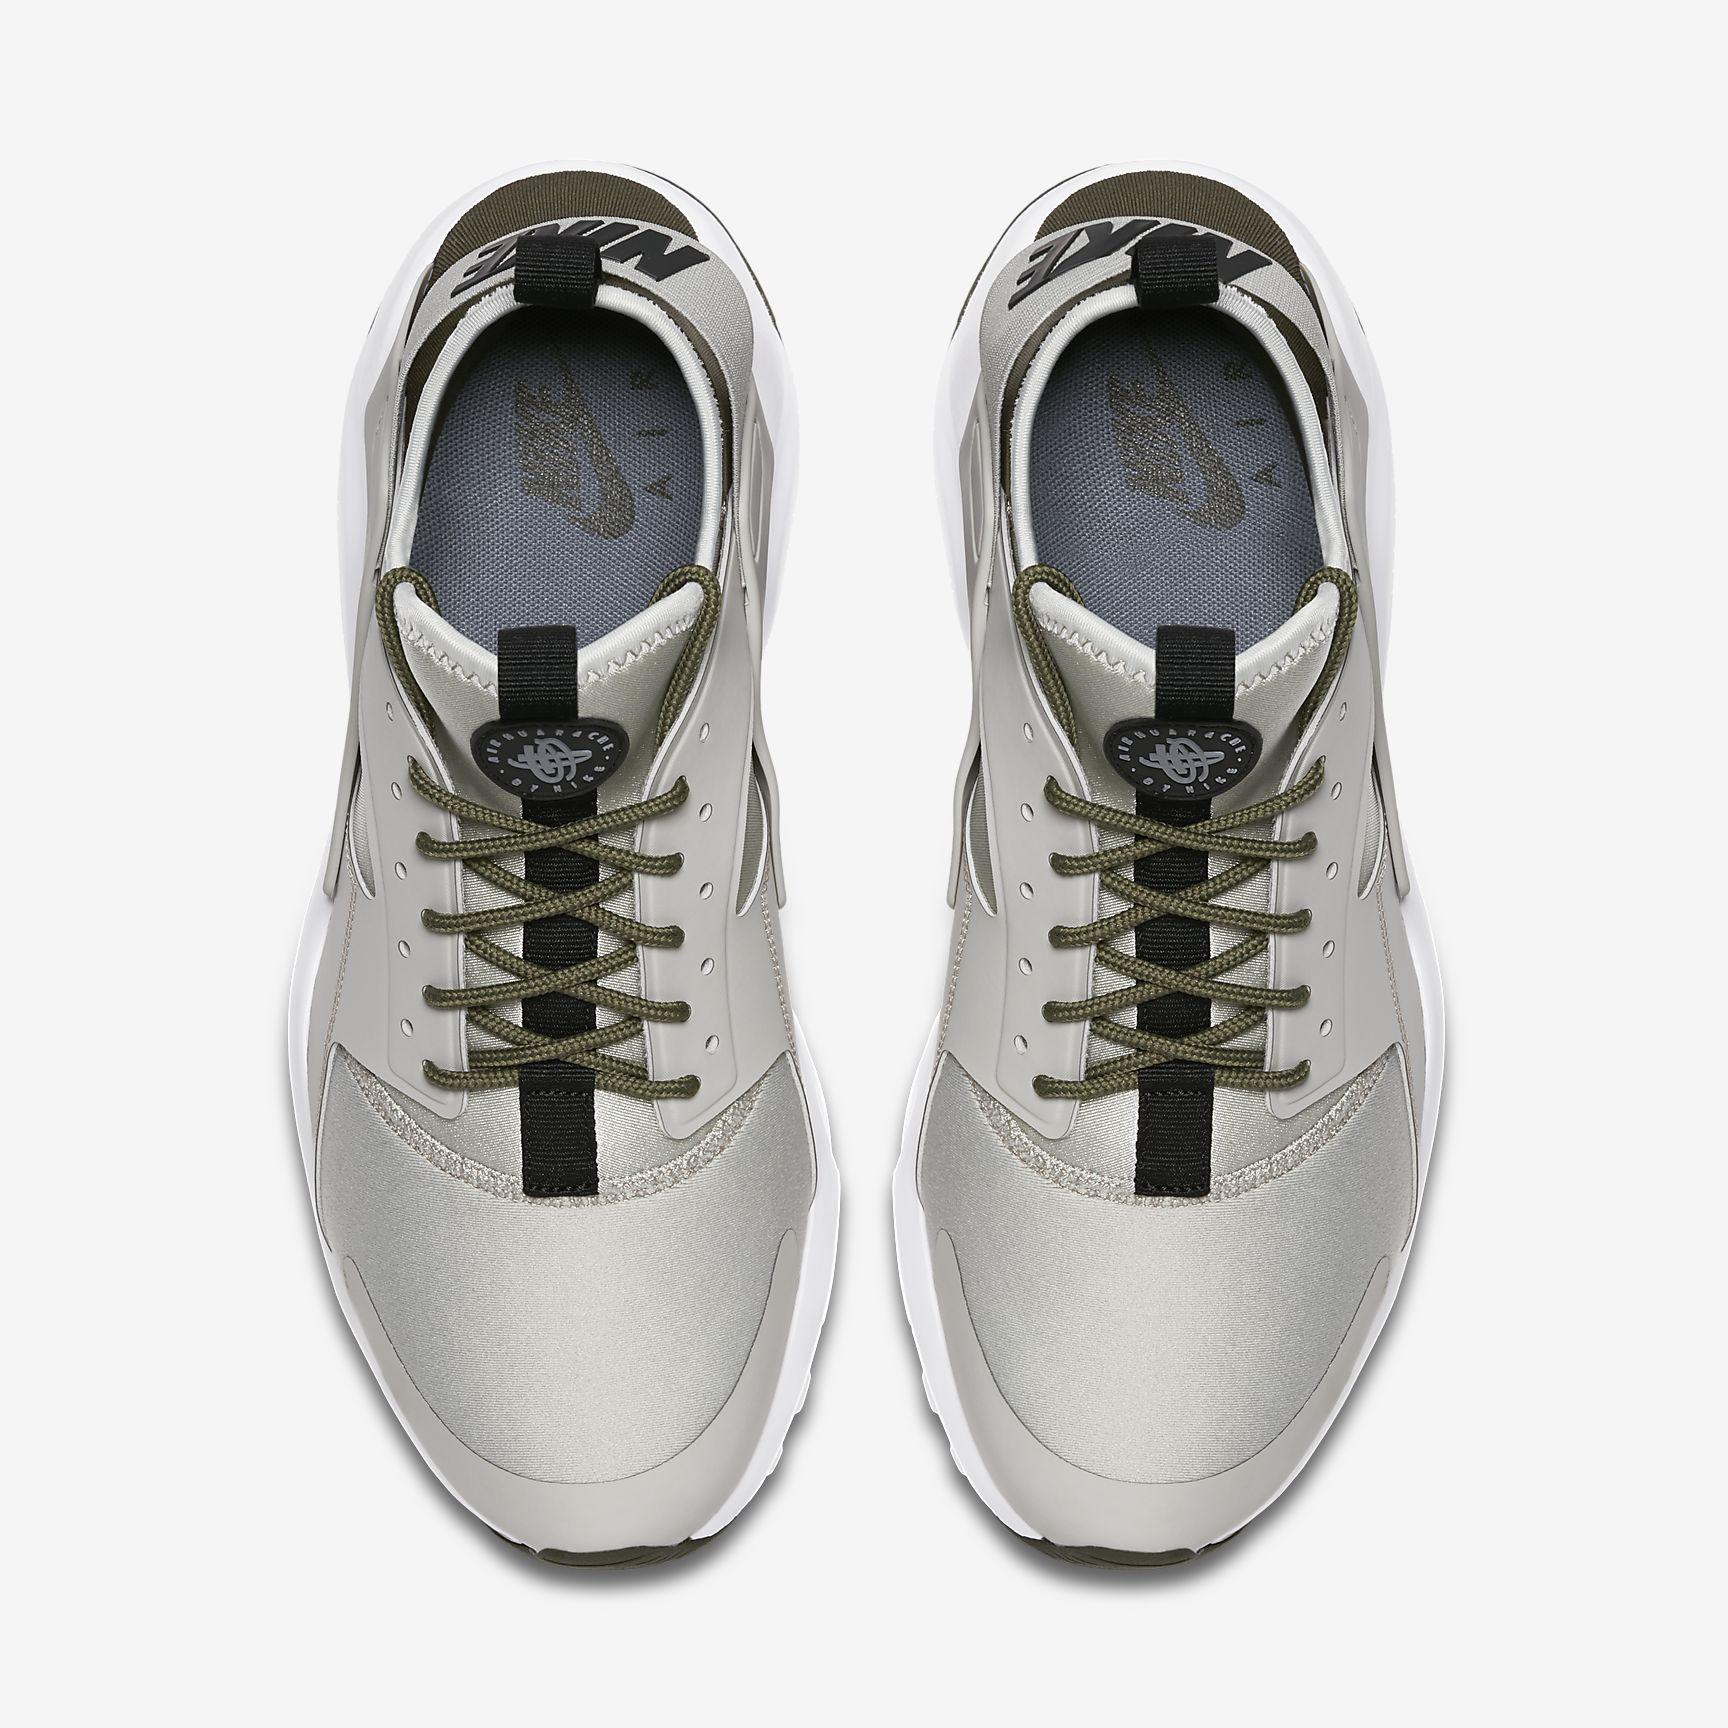 huge discount f9f16 4b929 Chaussures Homme AIR HUARACHE Ultra Gris pâle Kaki cargo Gris froid Noir